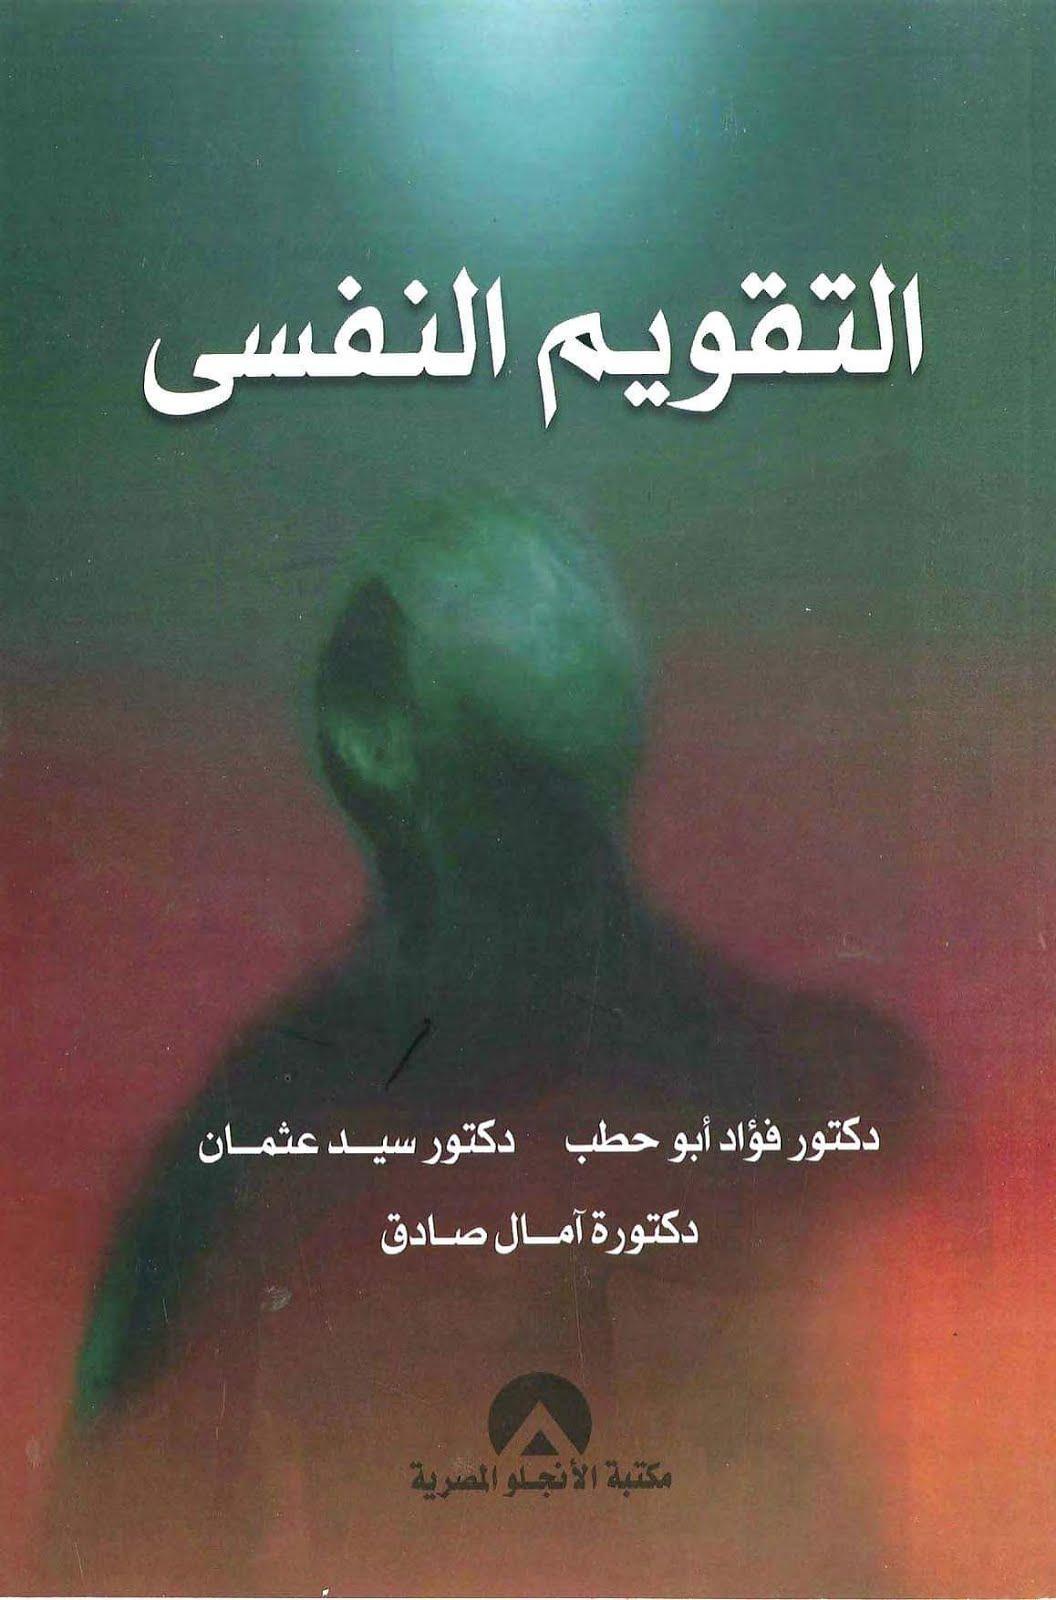 كتاب أسس التقويم التربوي والقياس النفسي